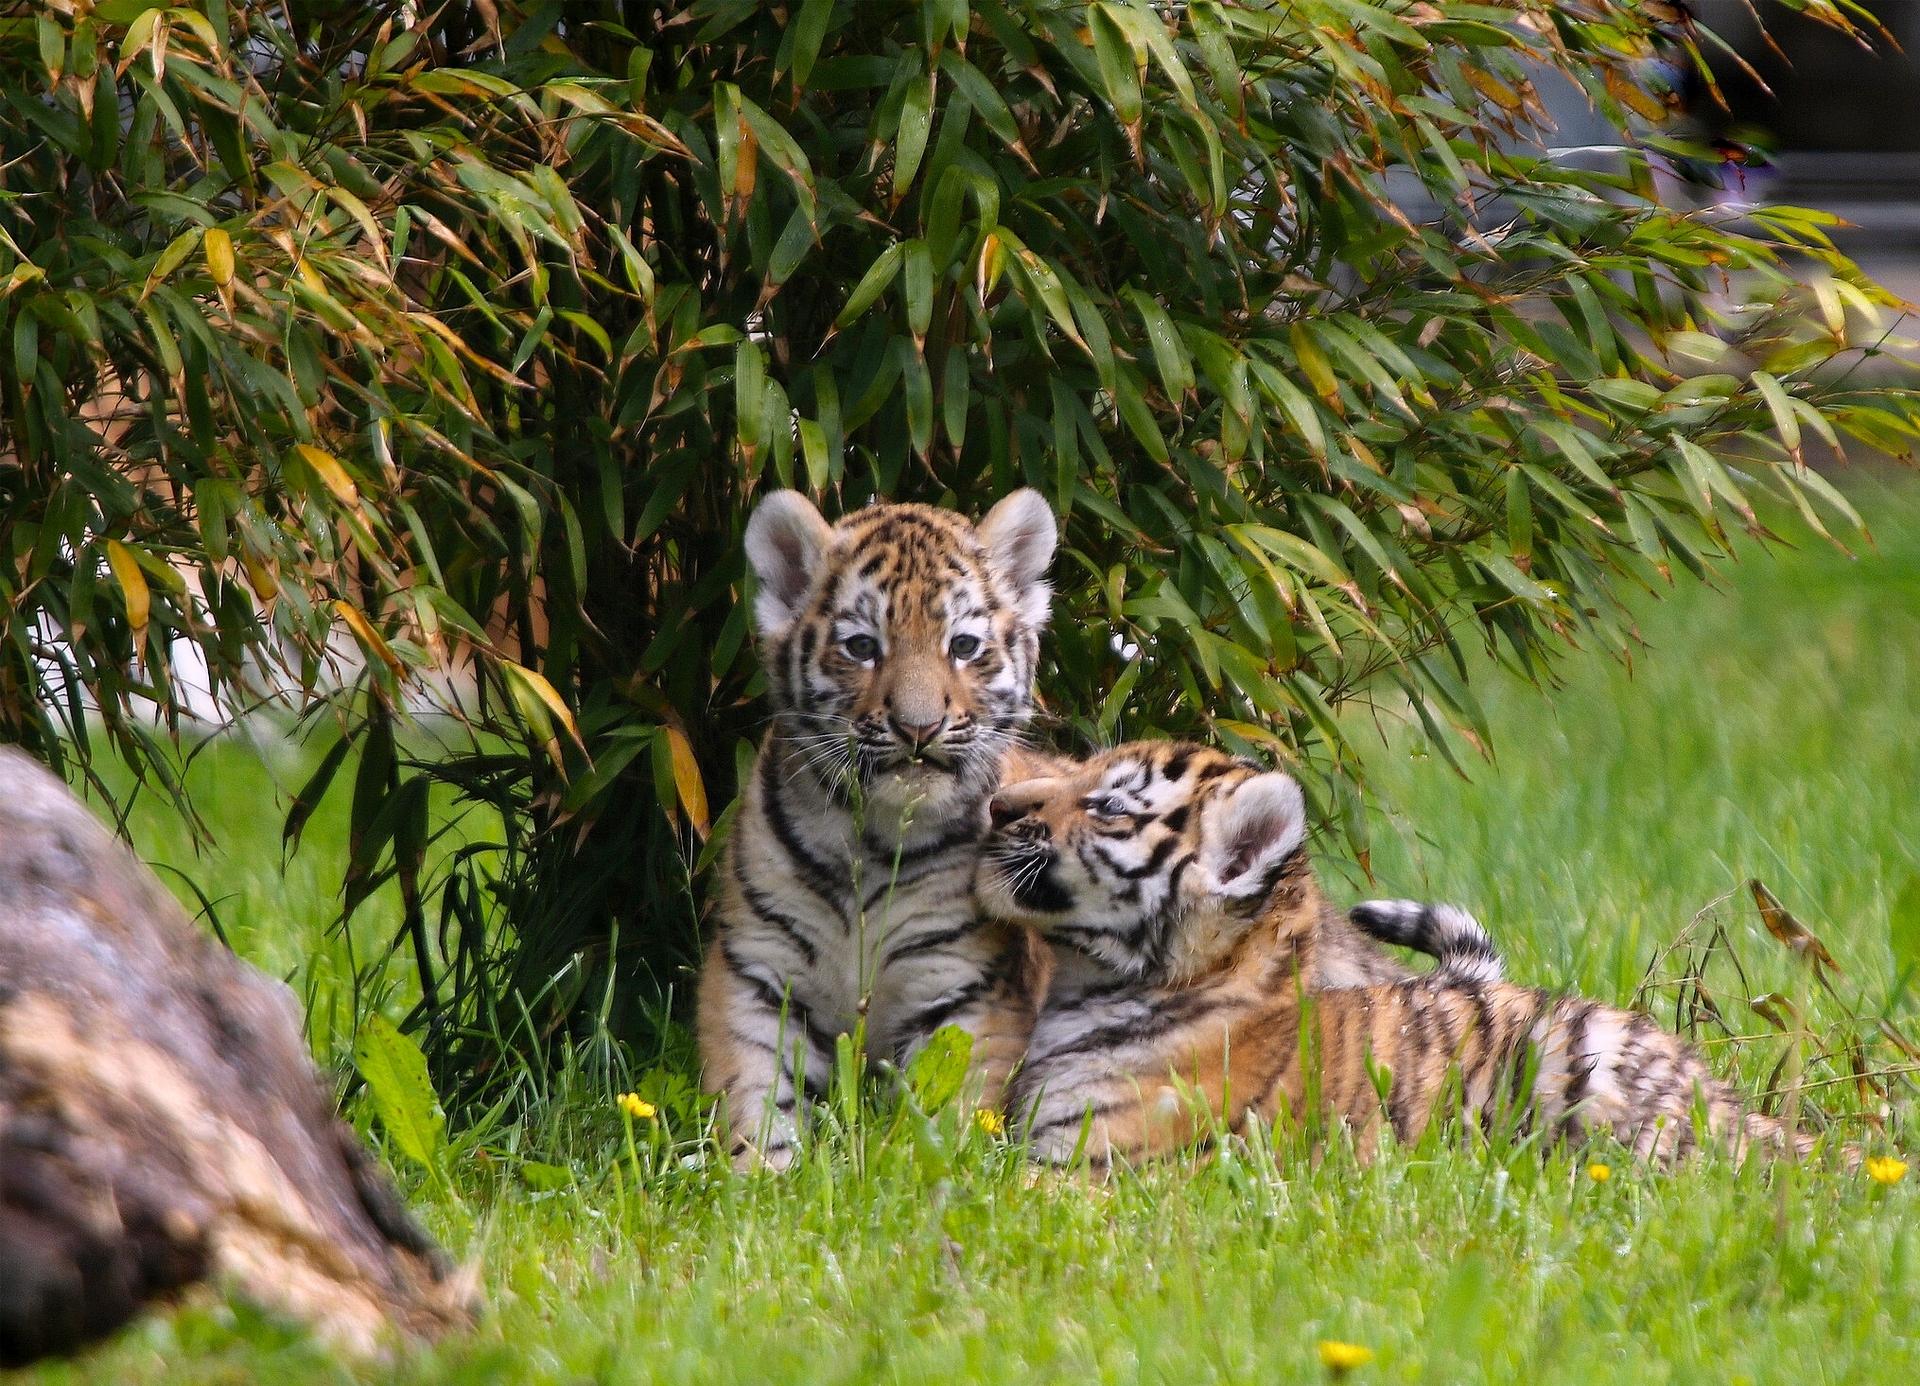 Обои на рабочий стол с тигрятами